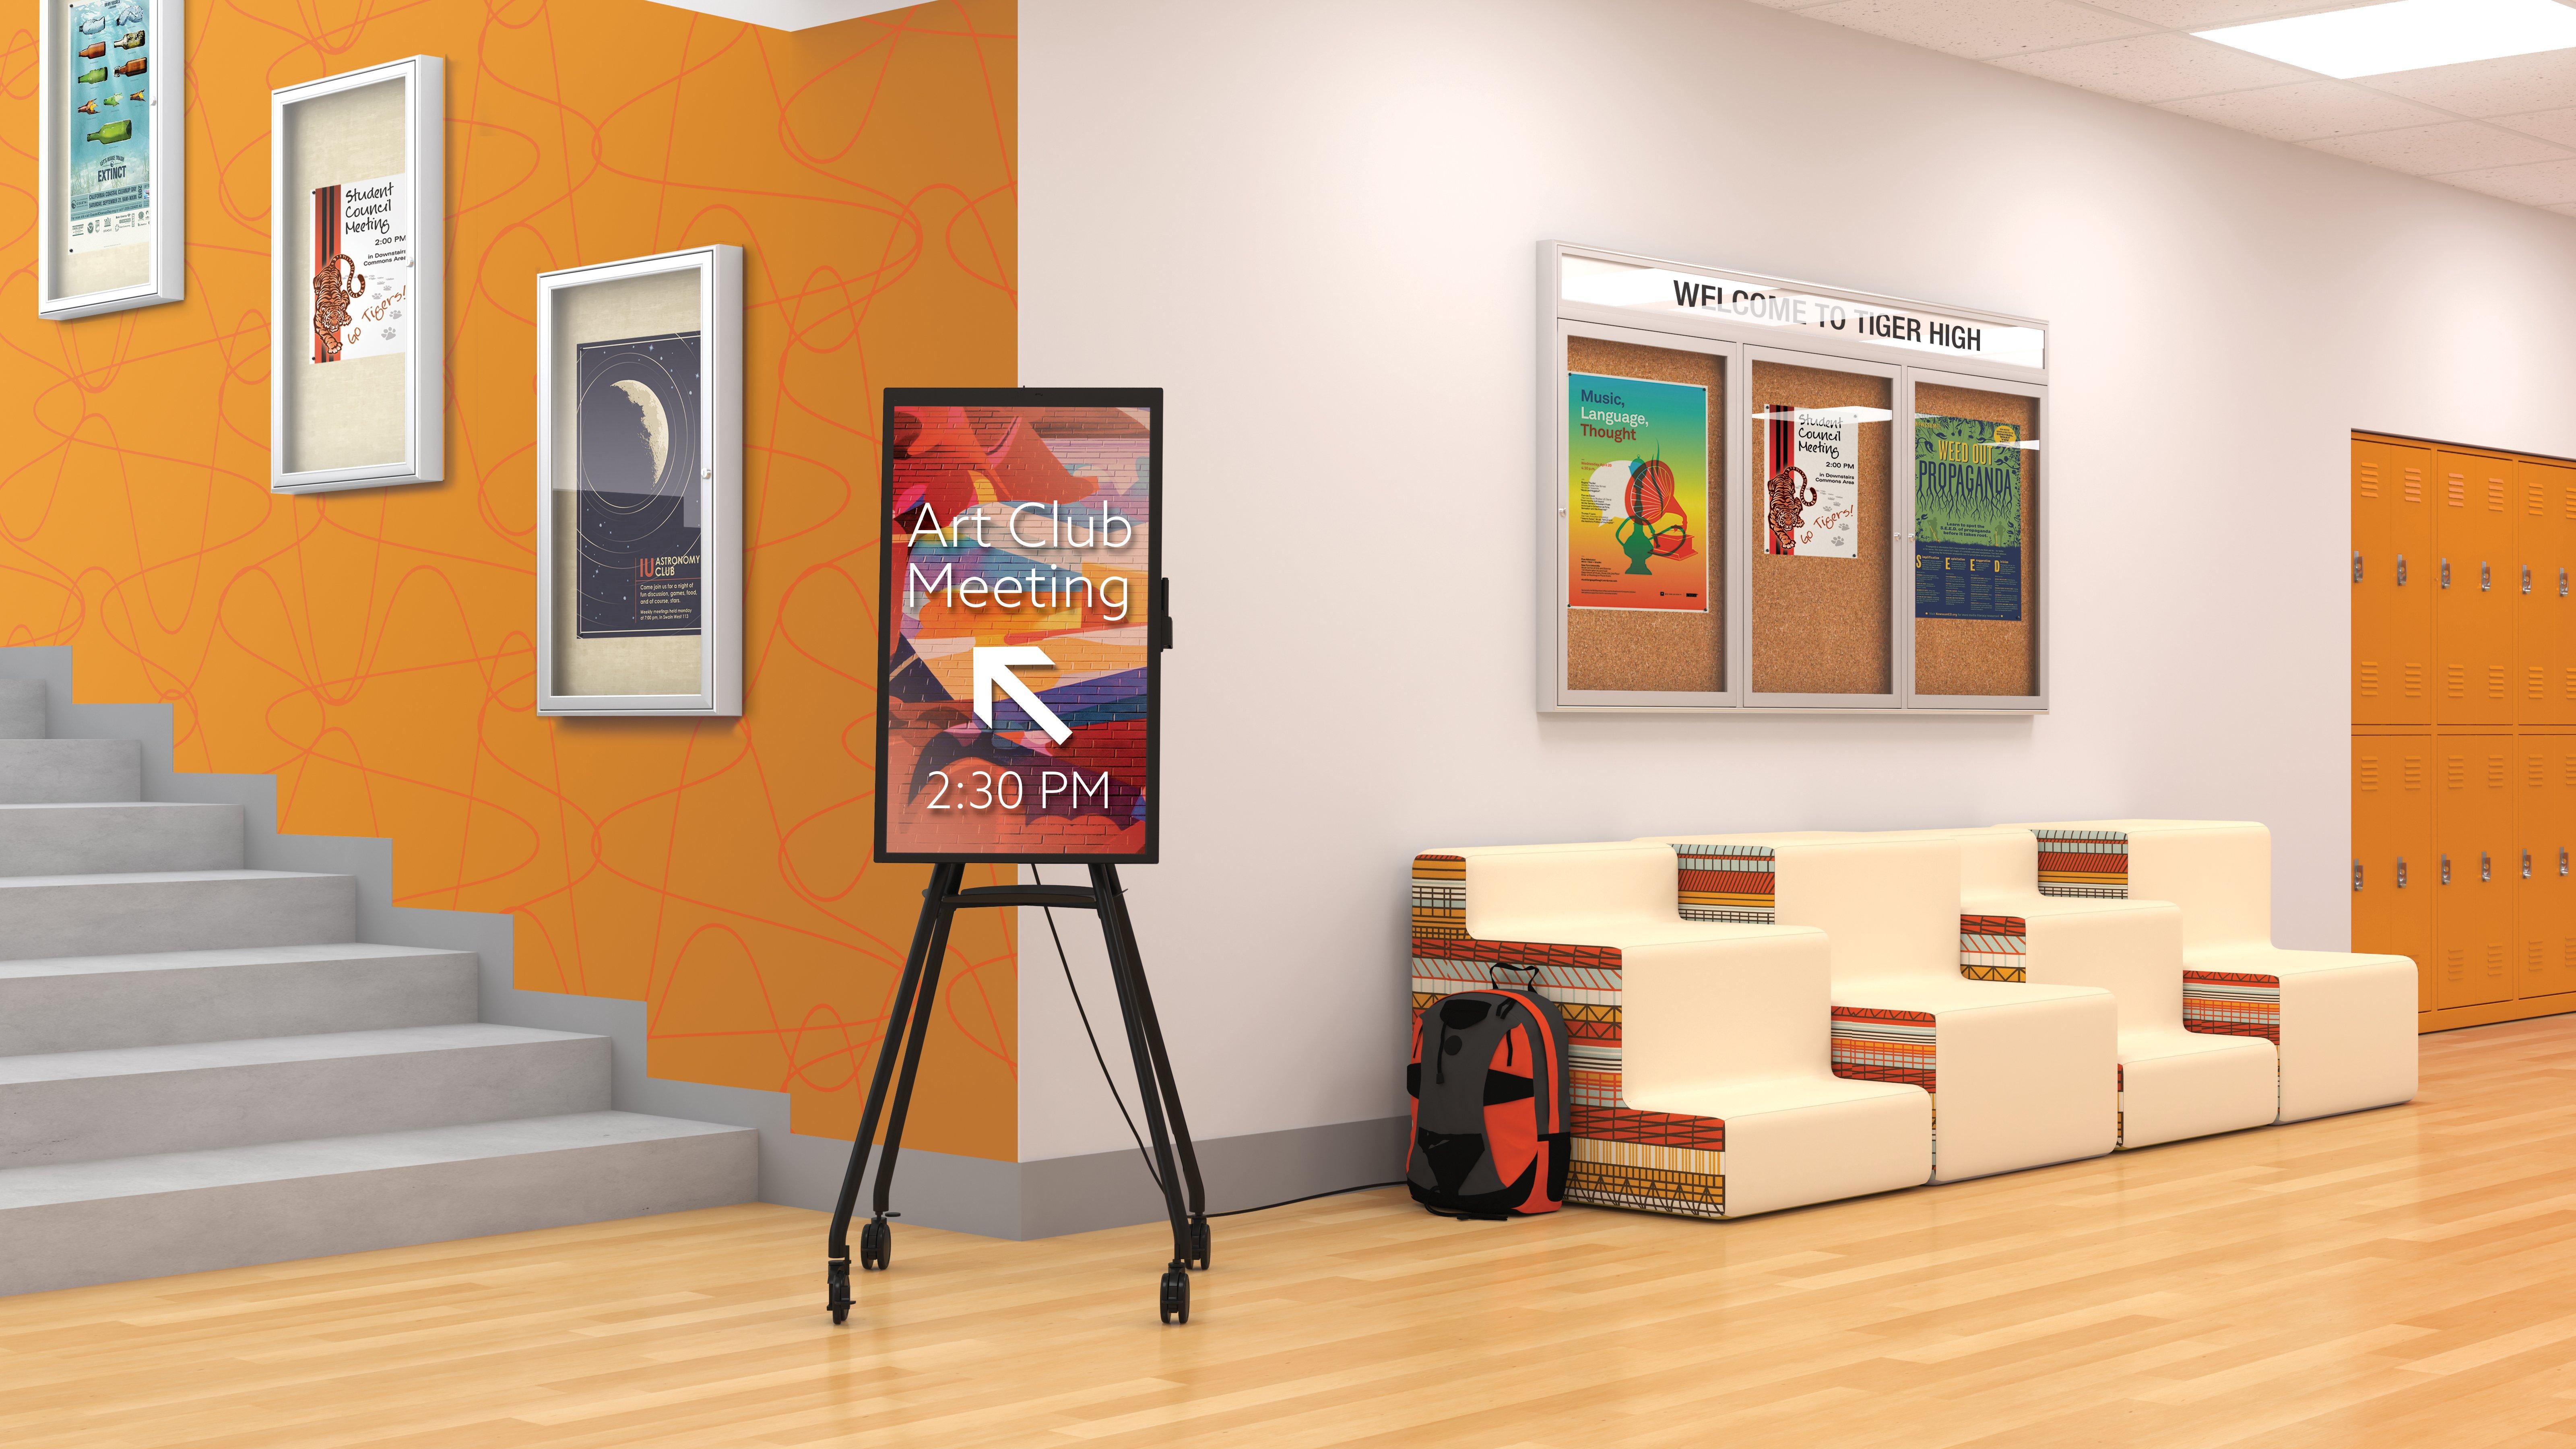 i3-edu Hallway Environment